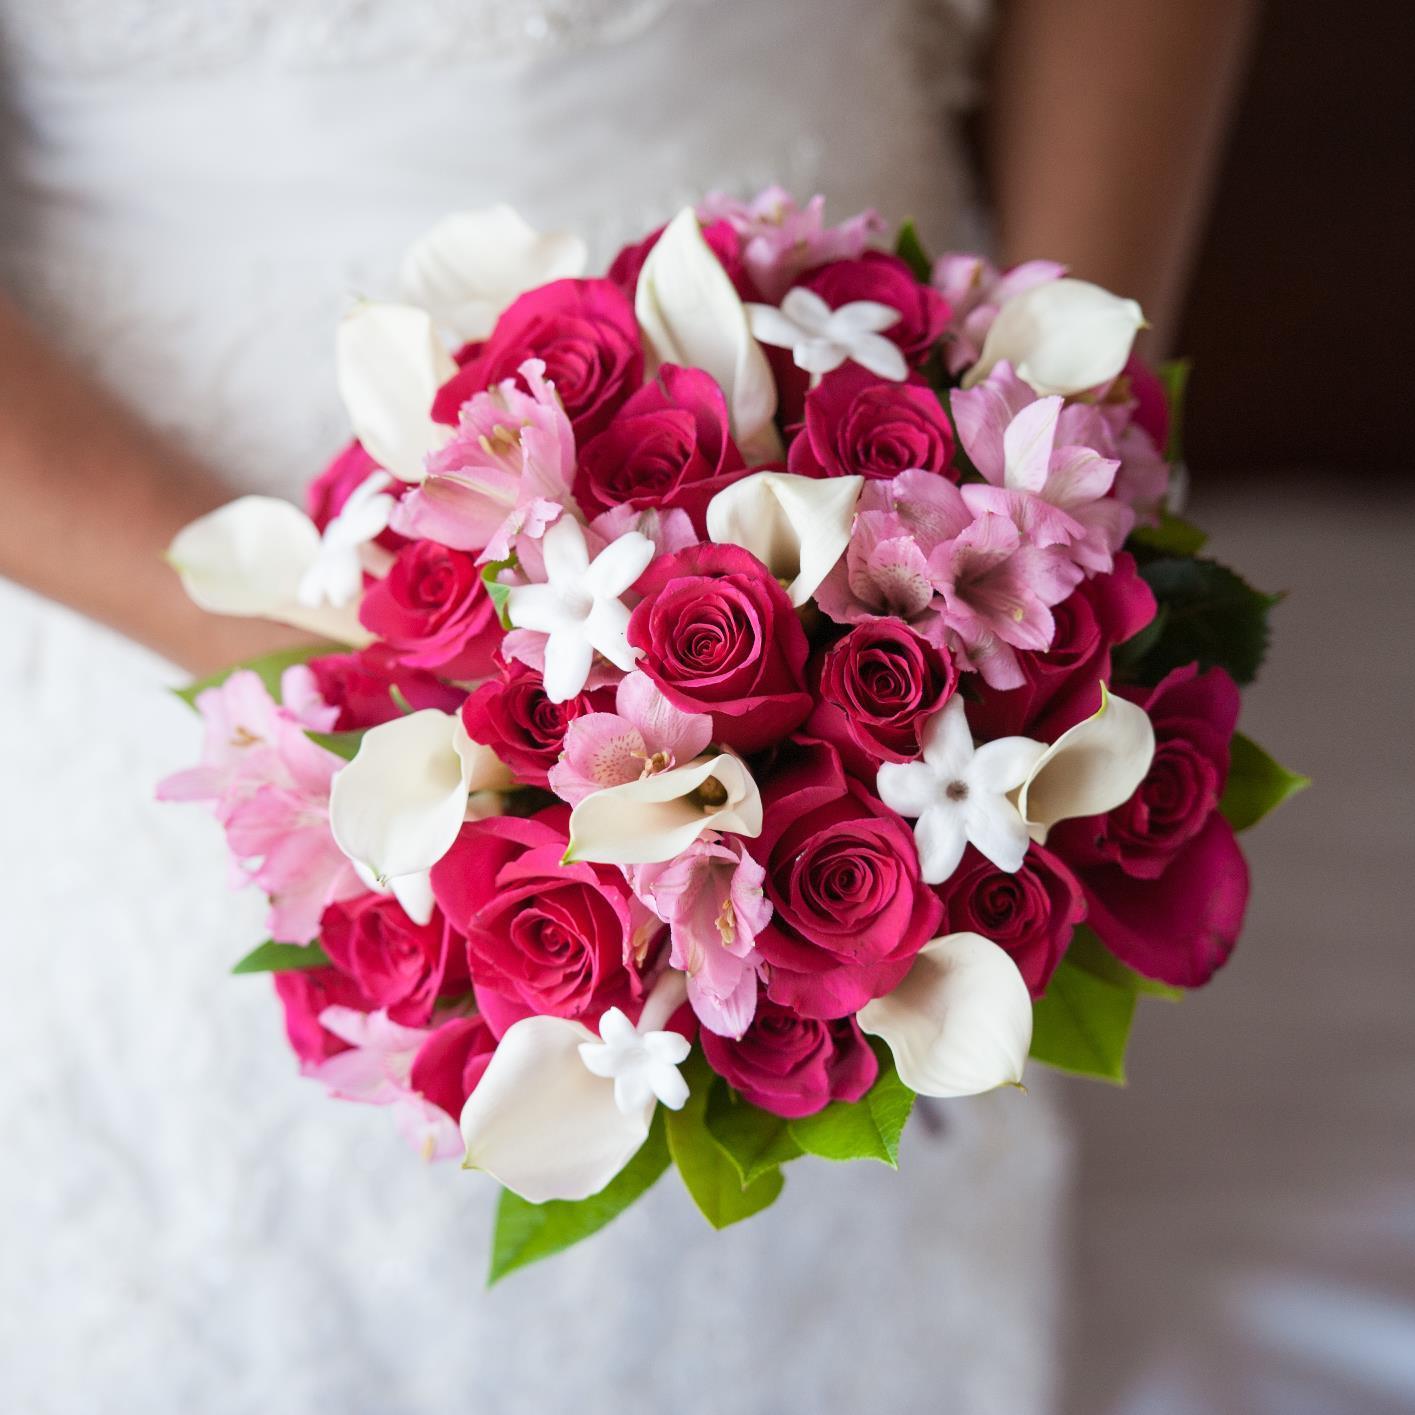 Wedding Flowers Aberdeen: Aberdeen's Florist (@Aberdeensflower)